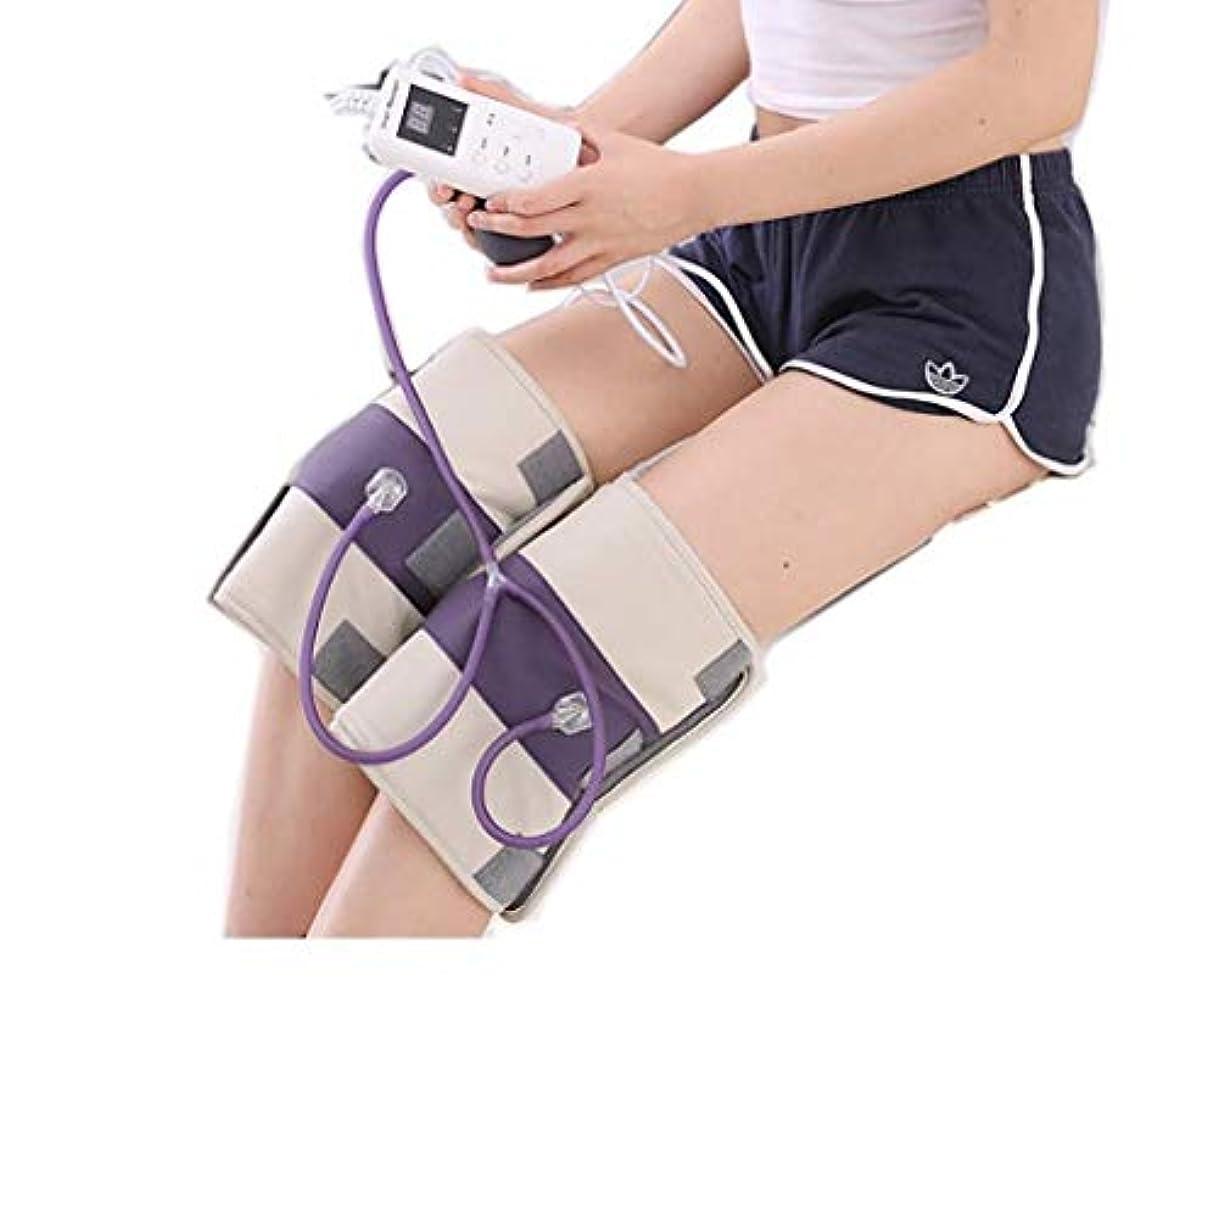 ニックネーム休暇知覚できる熱くする足のマッサージャー、マッサージの膝パッド、膝の振動マッサージ、M/熱い圧縮/磁気療法、3つの温度調節、理性的なタイミング